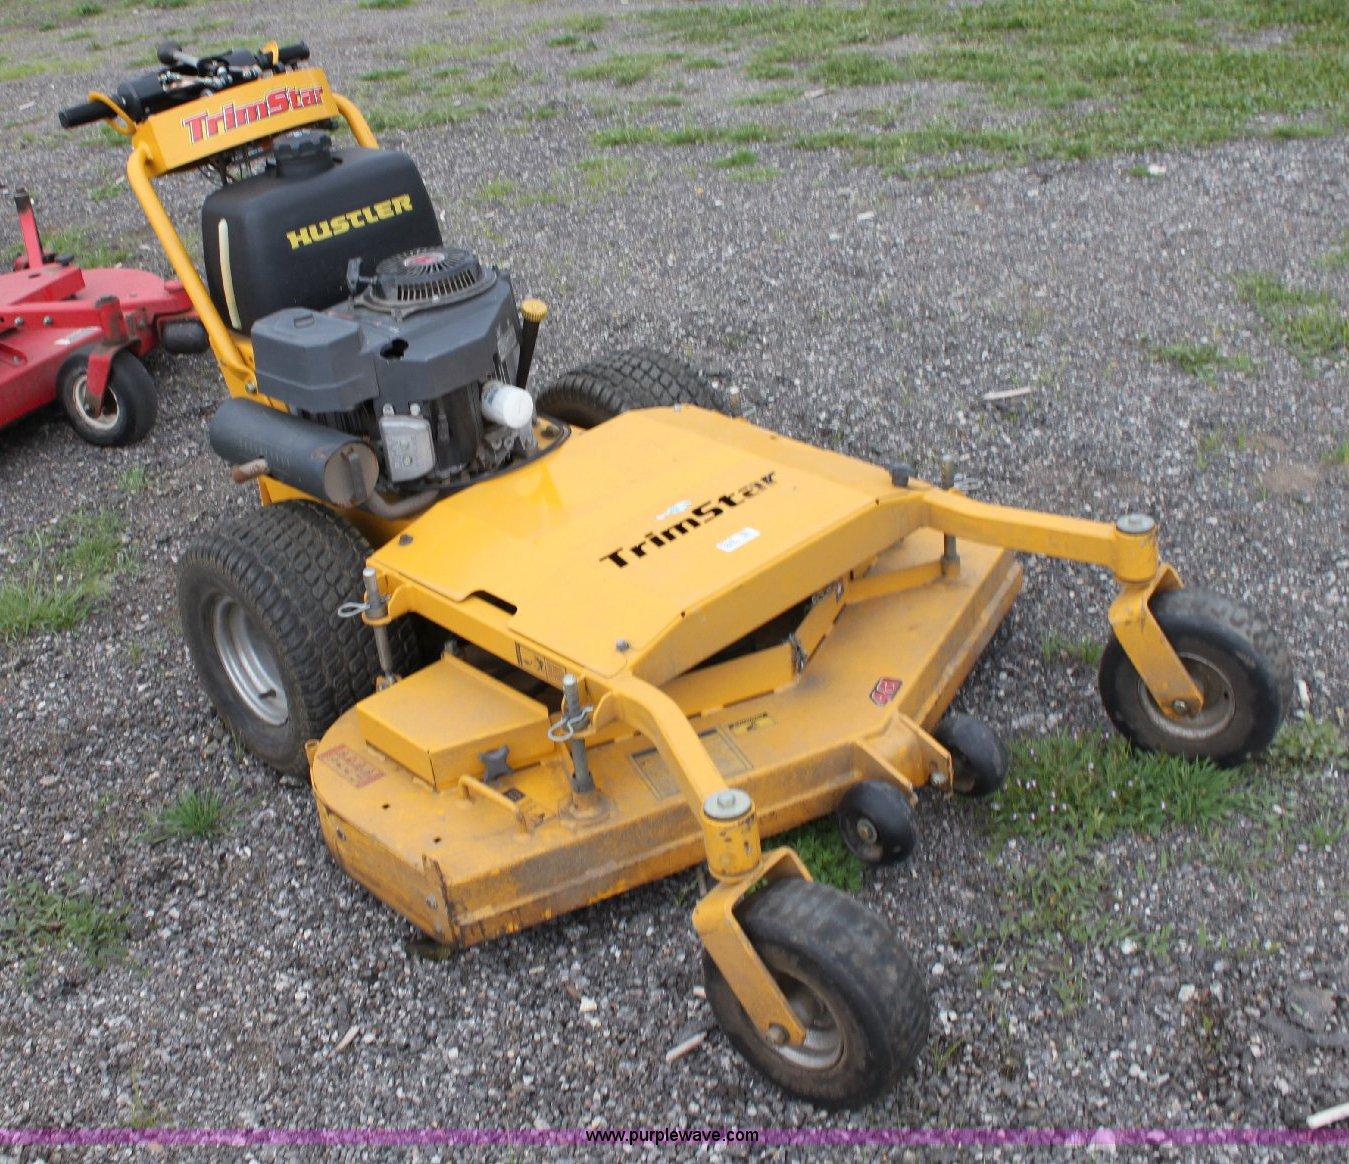 Hustler push mower-4506